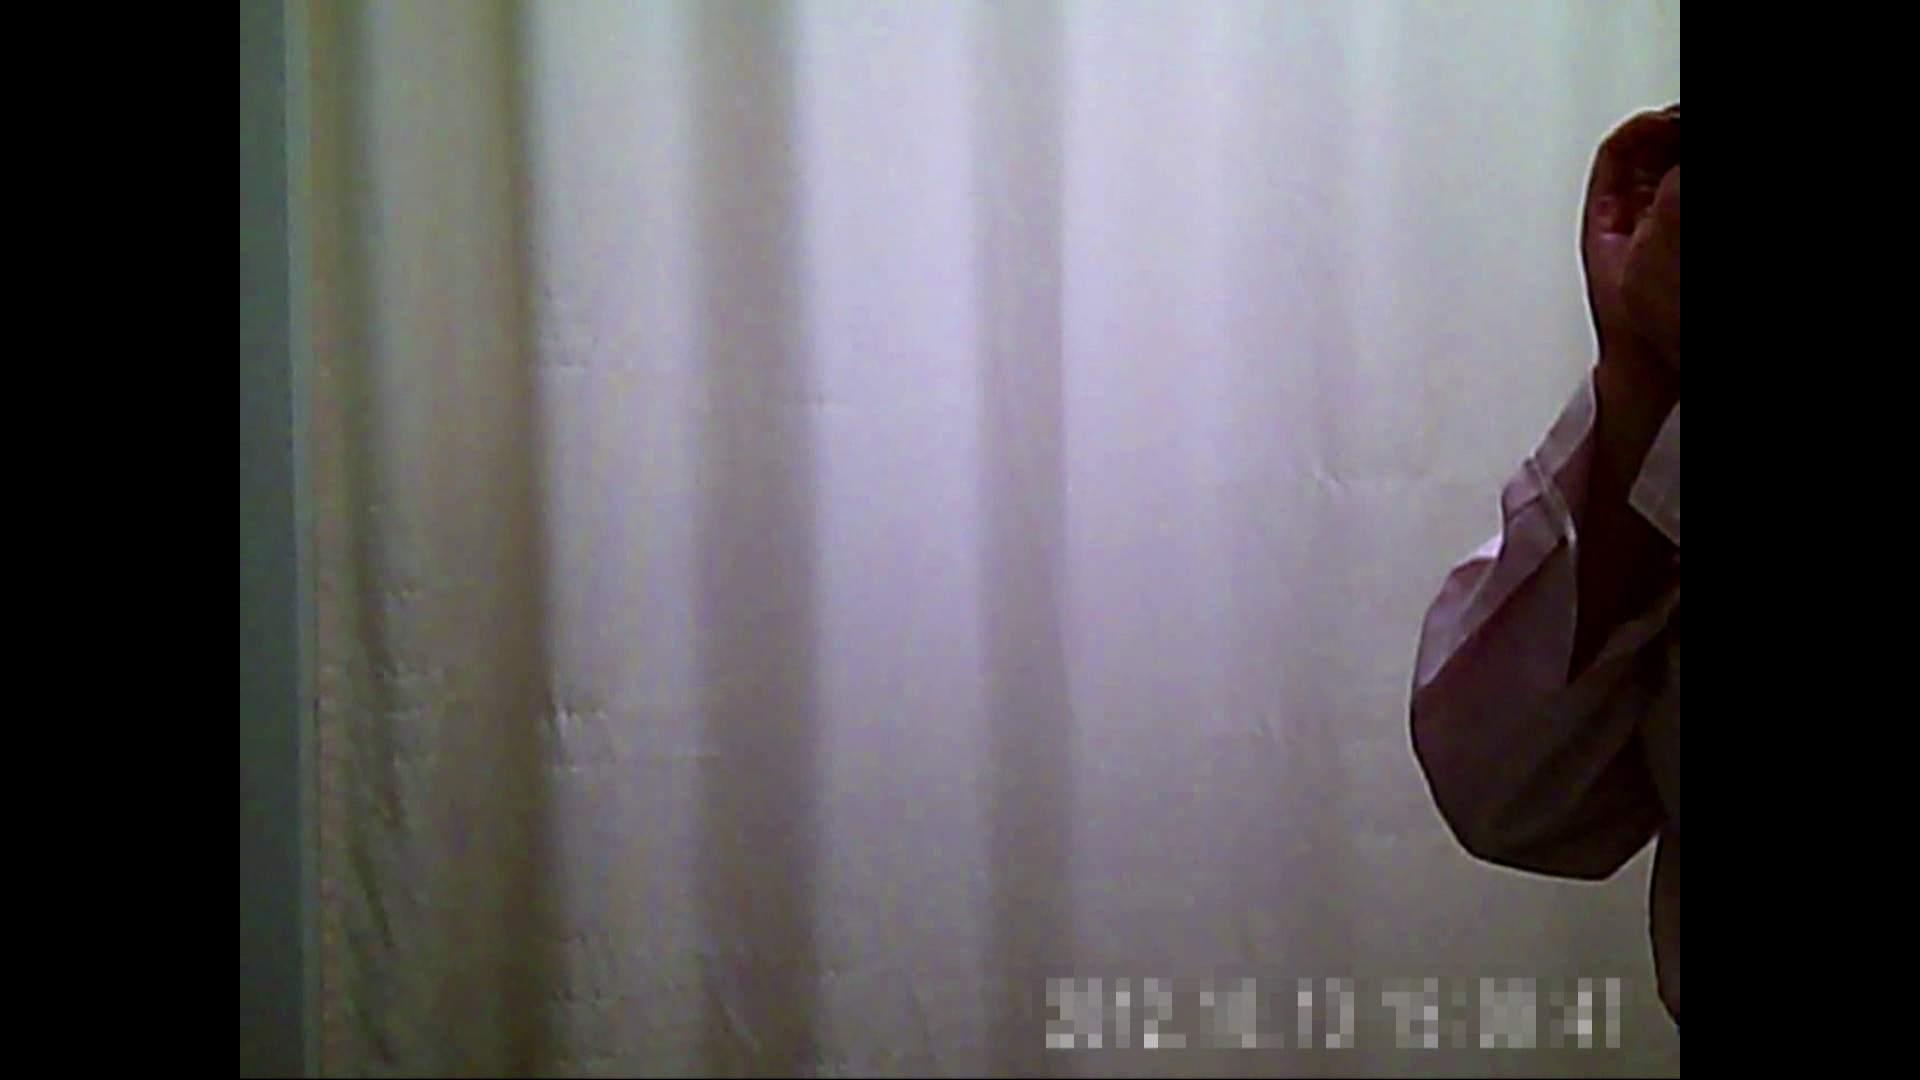 元医者による反抗 更衣室地獄絵巻 vol.059 エッチなお姉さん | ギャルズ  35画像 22